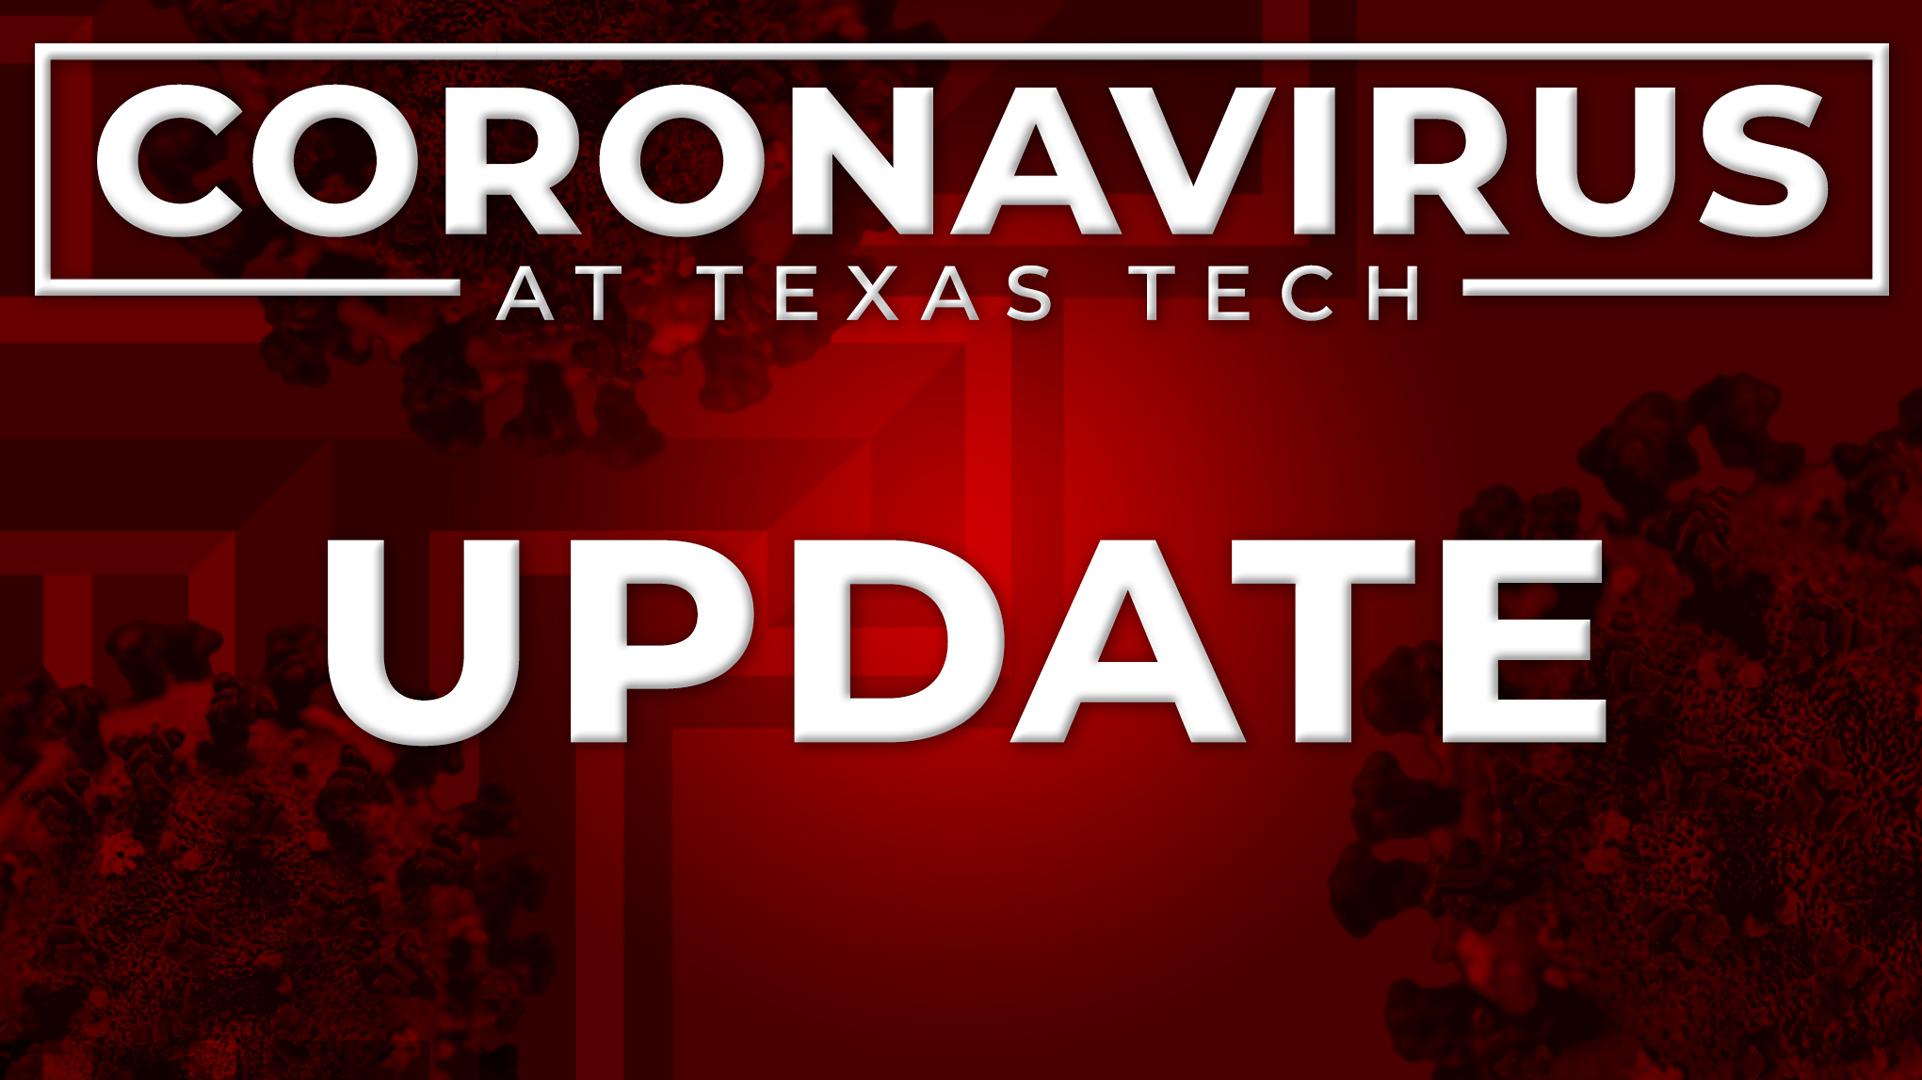 Texas Tech Coronavirus update